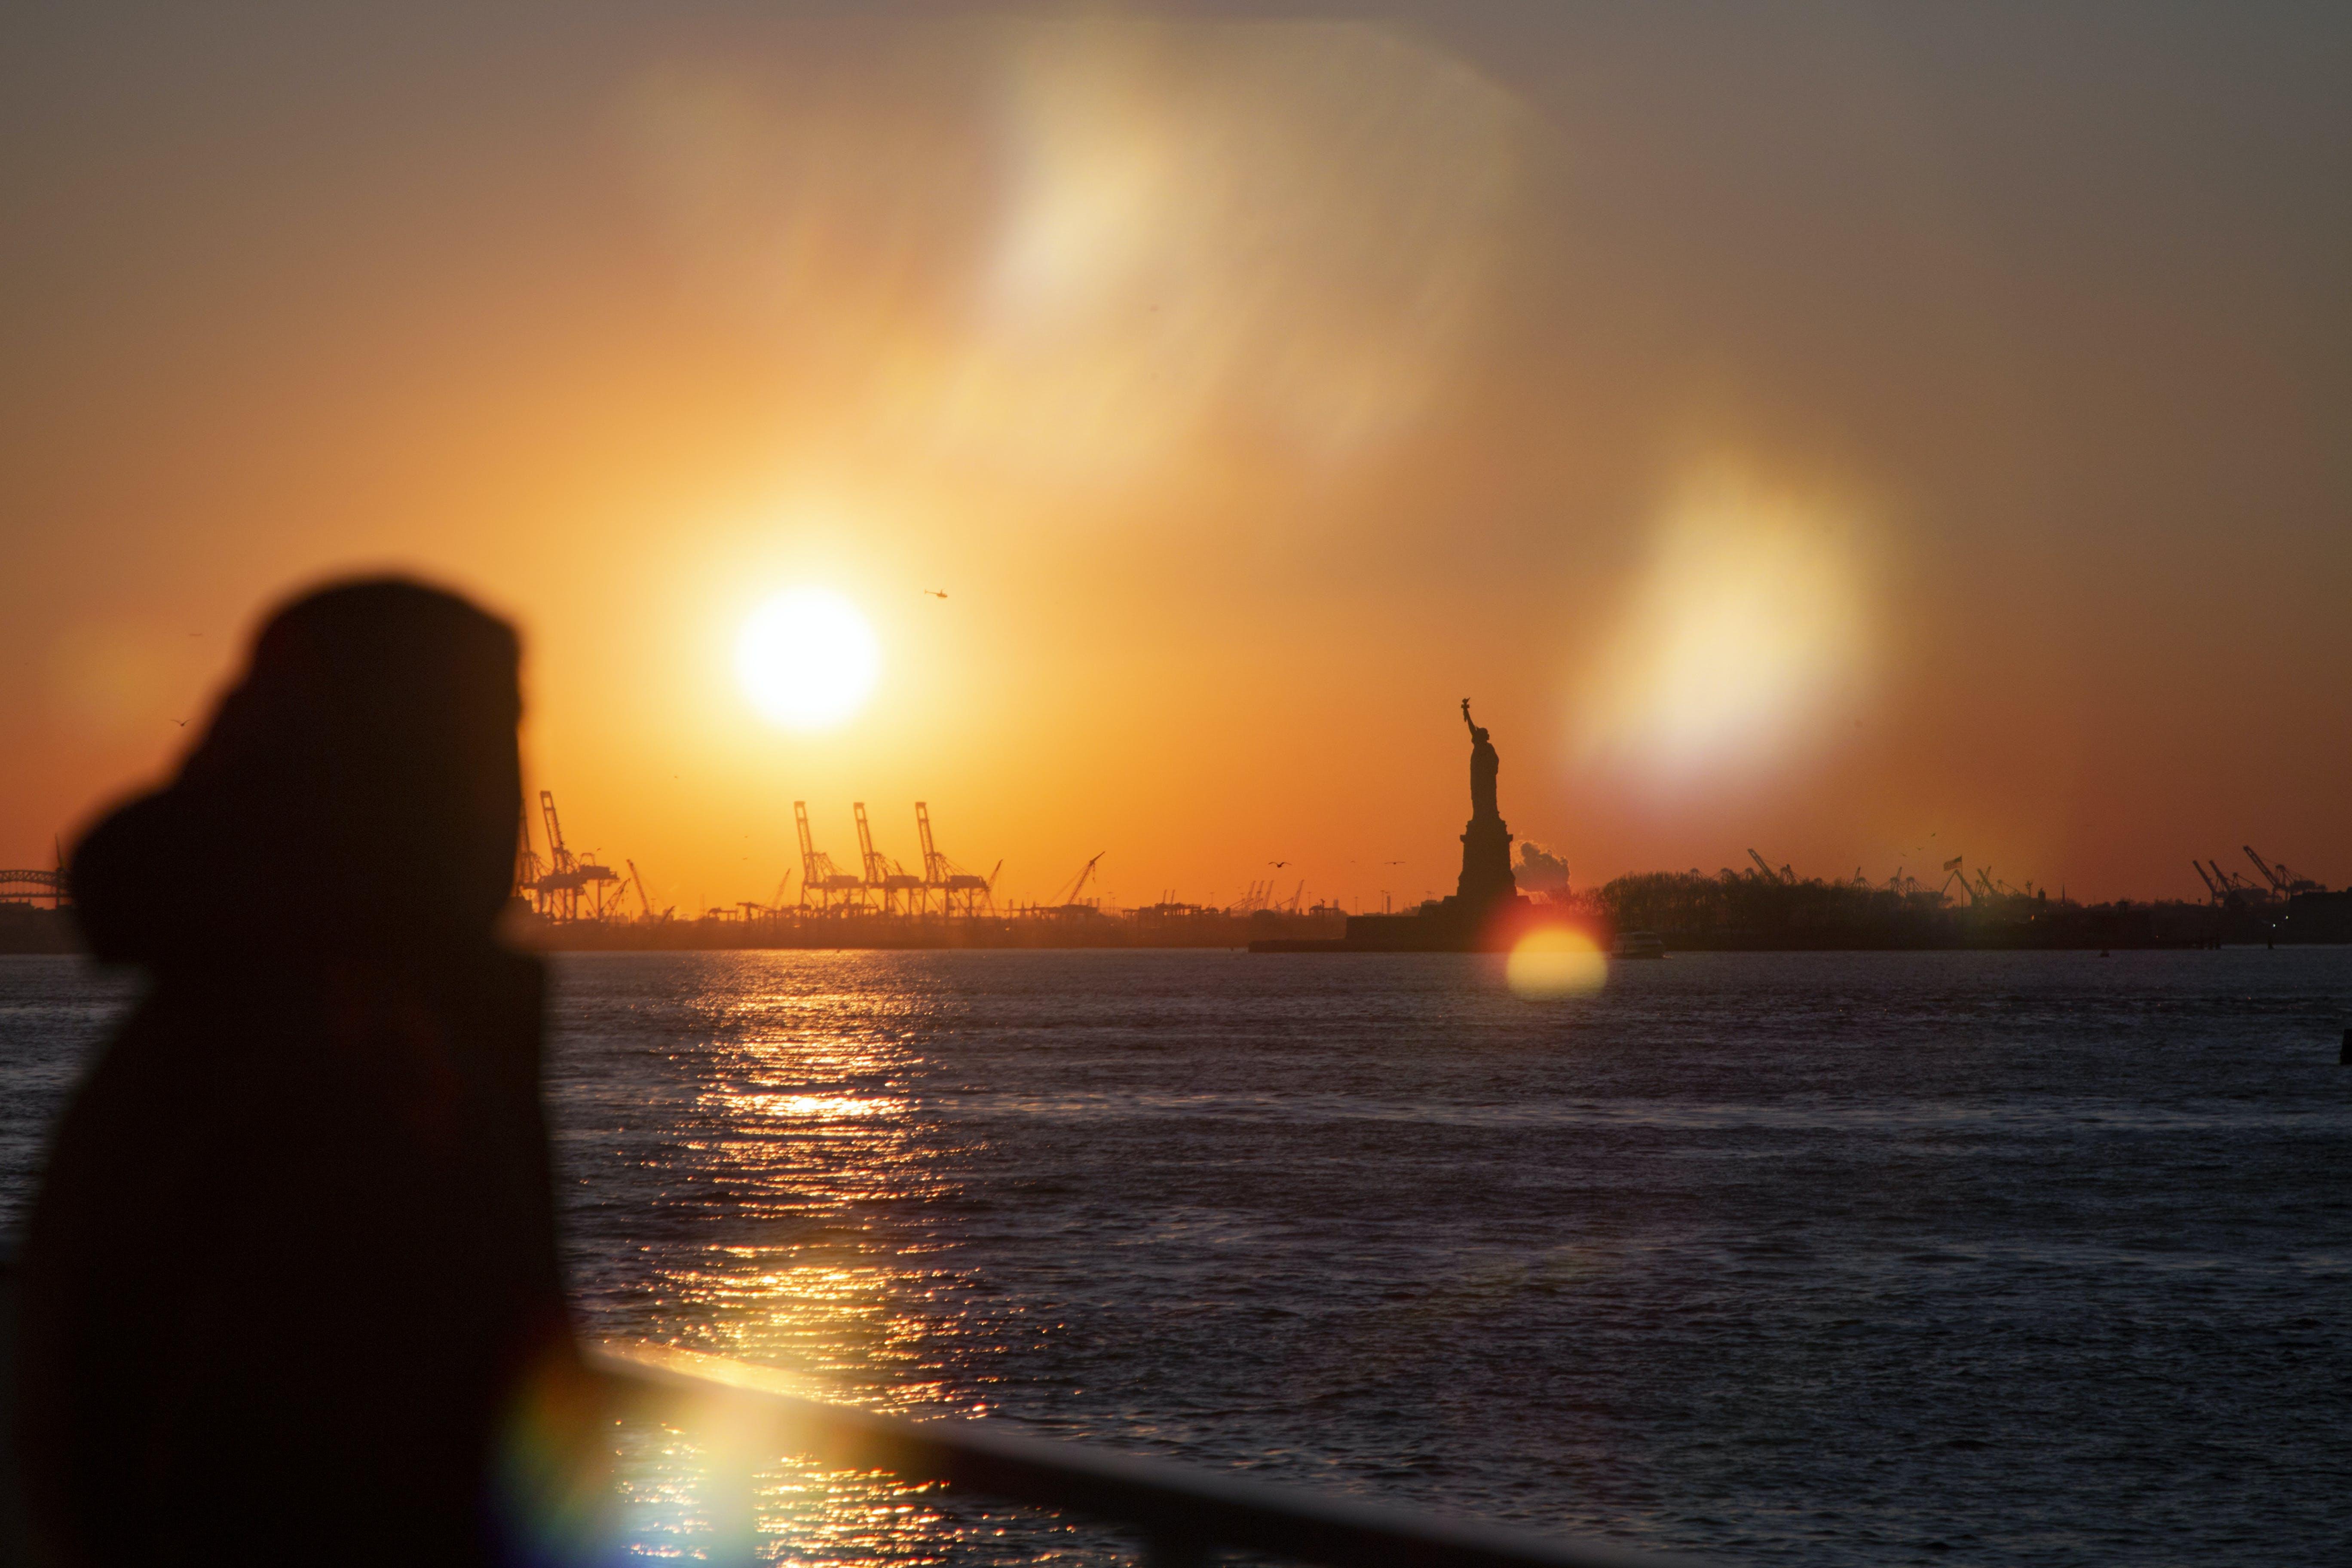 ゴールデンアワー, ニューヨーク, ニューヨーク市, フレアの無料の写真素材